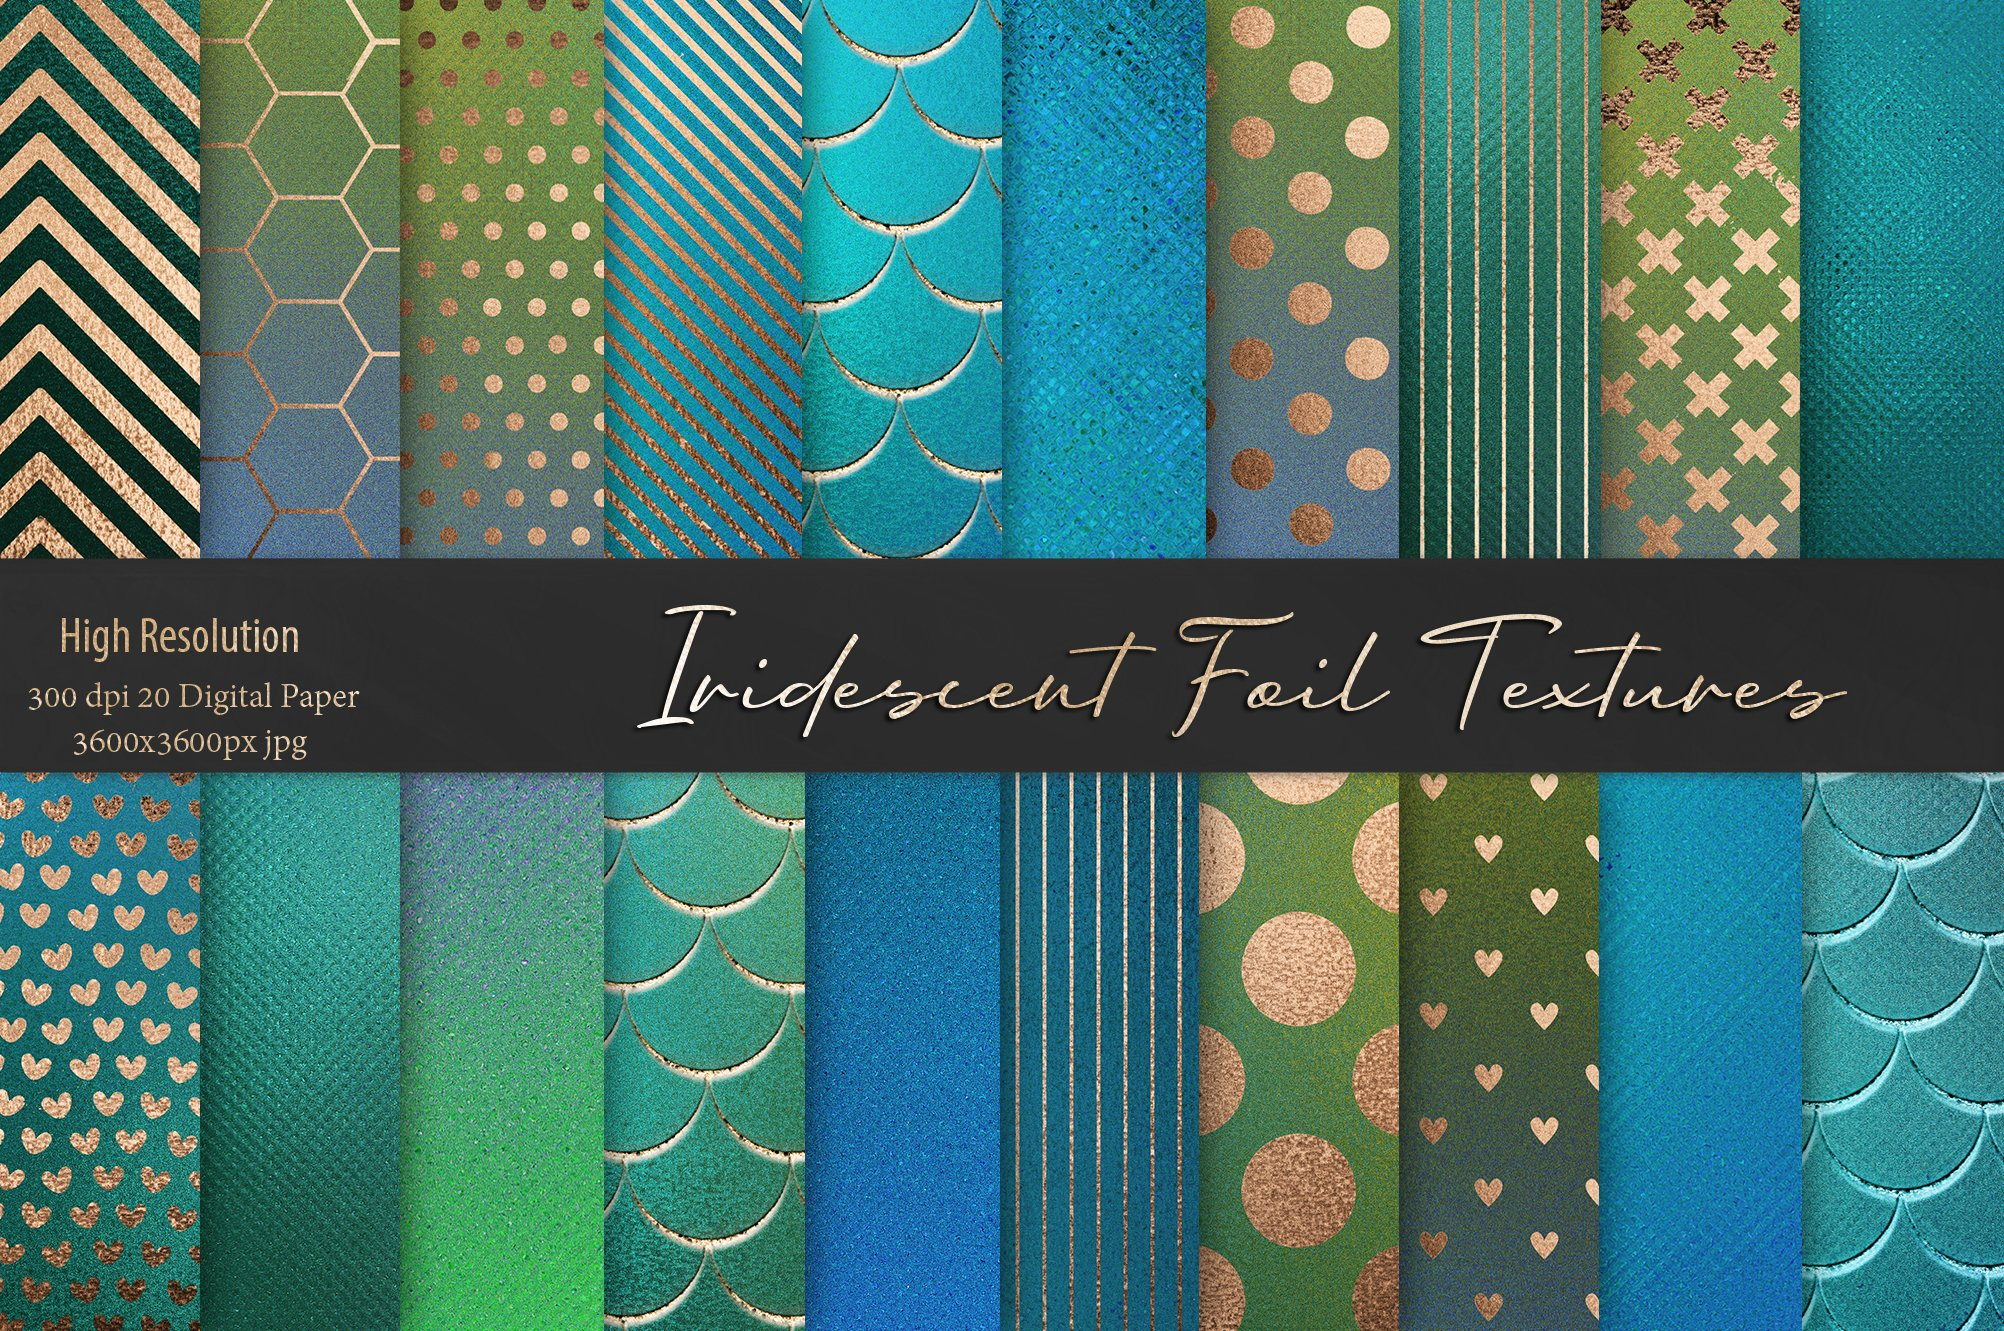 20款蓝绿色虹彩金箔纸纹理海报设计背景图片素材 Iridescent Gold Foil Textures插图